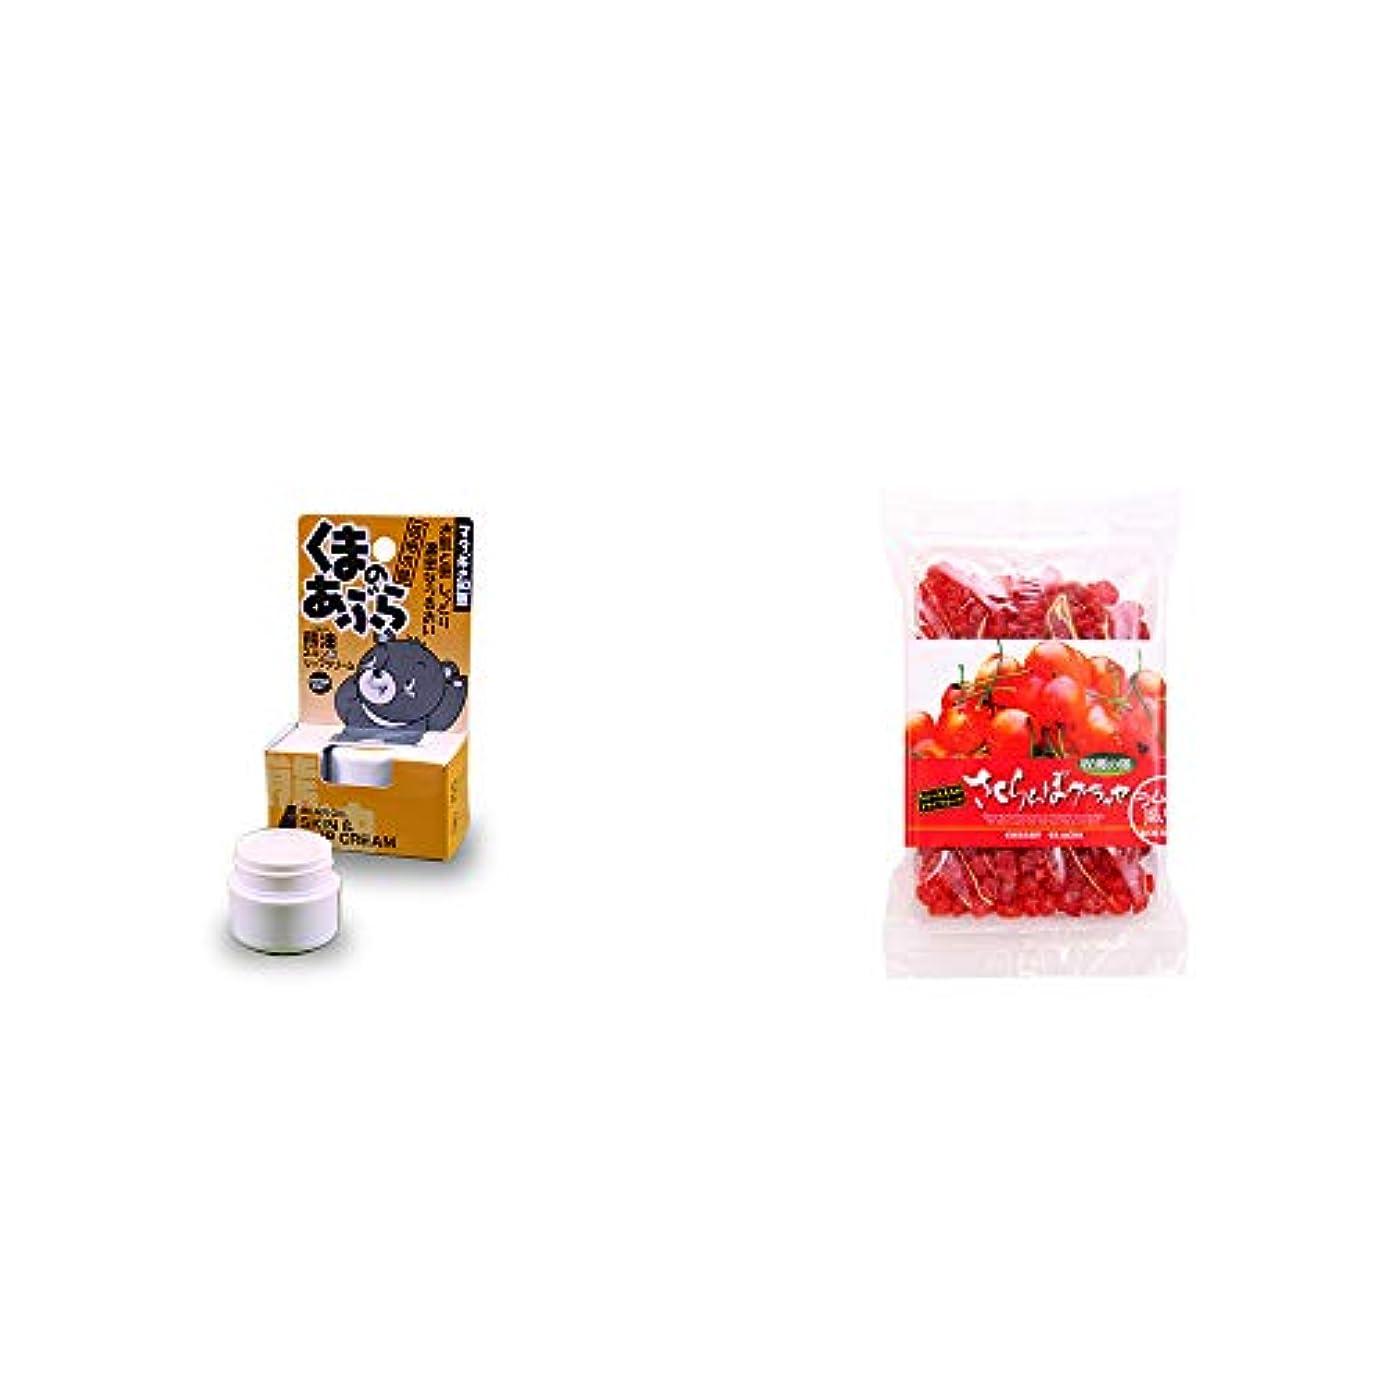 アーネストシャクルトン成功した汚染された[2点セット] 信州木曽 くまのあぶら 熊油スキン&リップクリーム(9g)?収穫の朝 さくらんぼグラッセ ラム酒風味(180g)